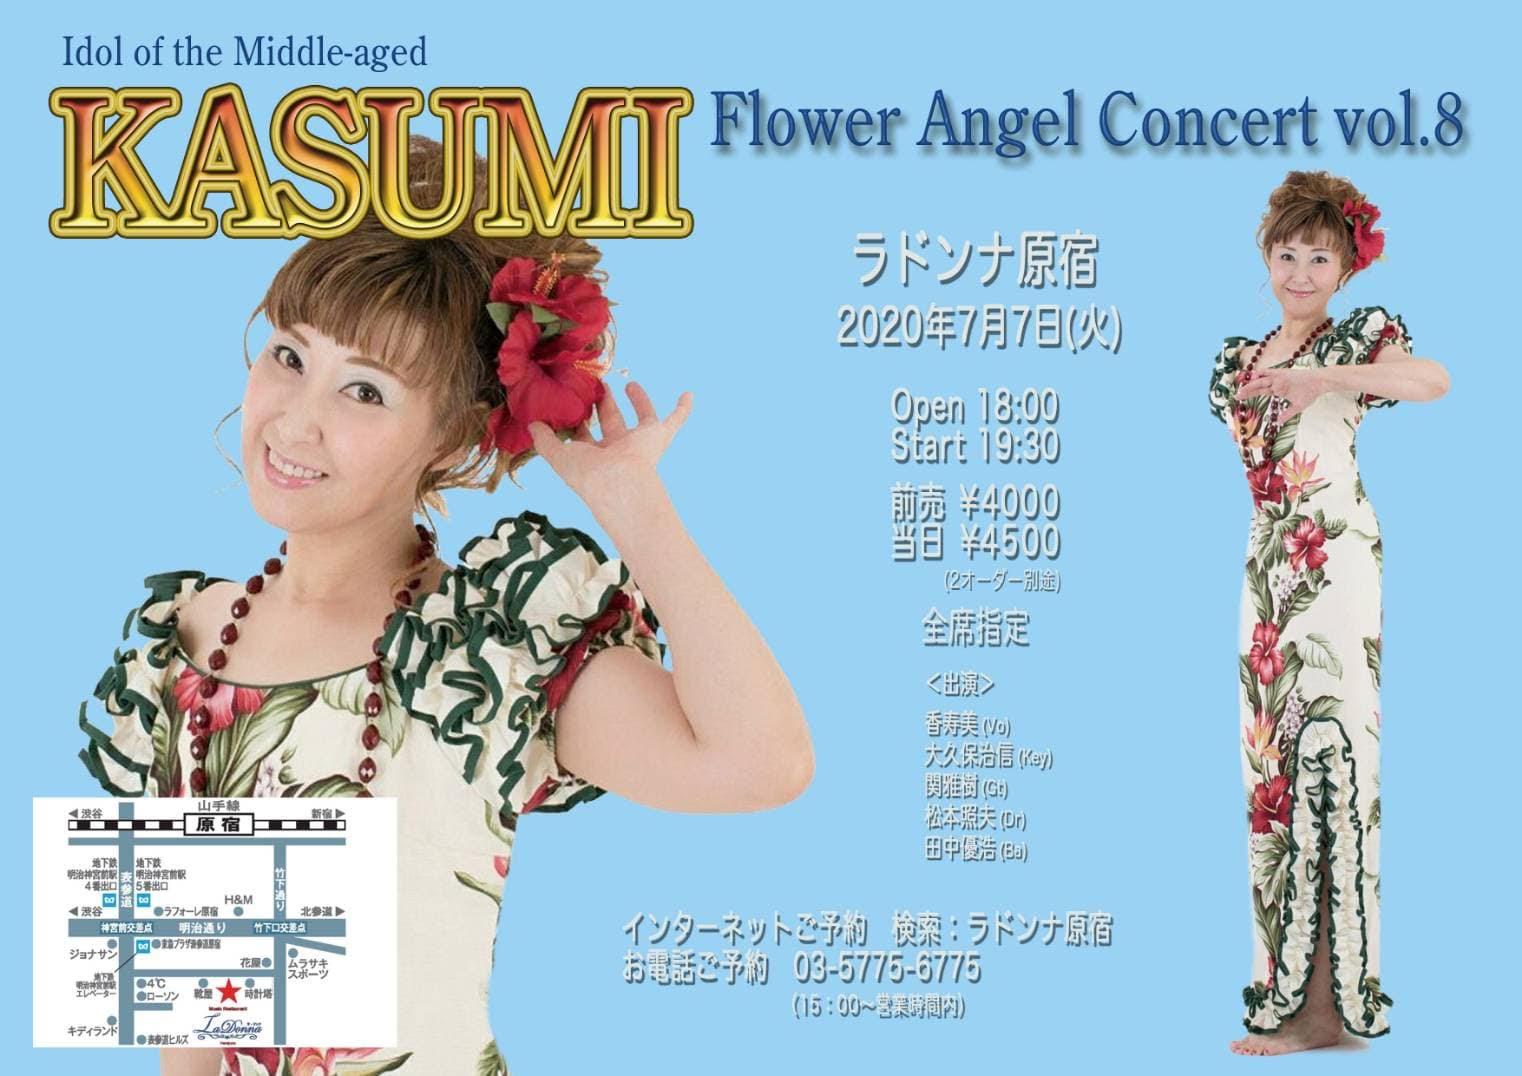 【公演中止】KASUMI  ~Flower Angel Concert vol.8~